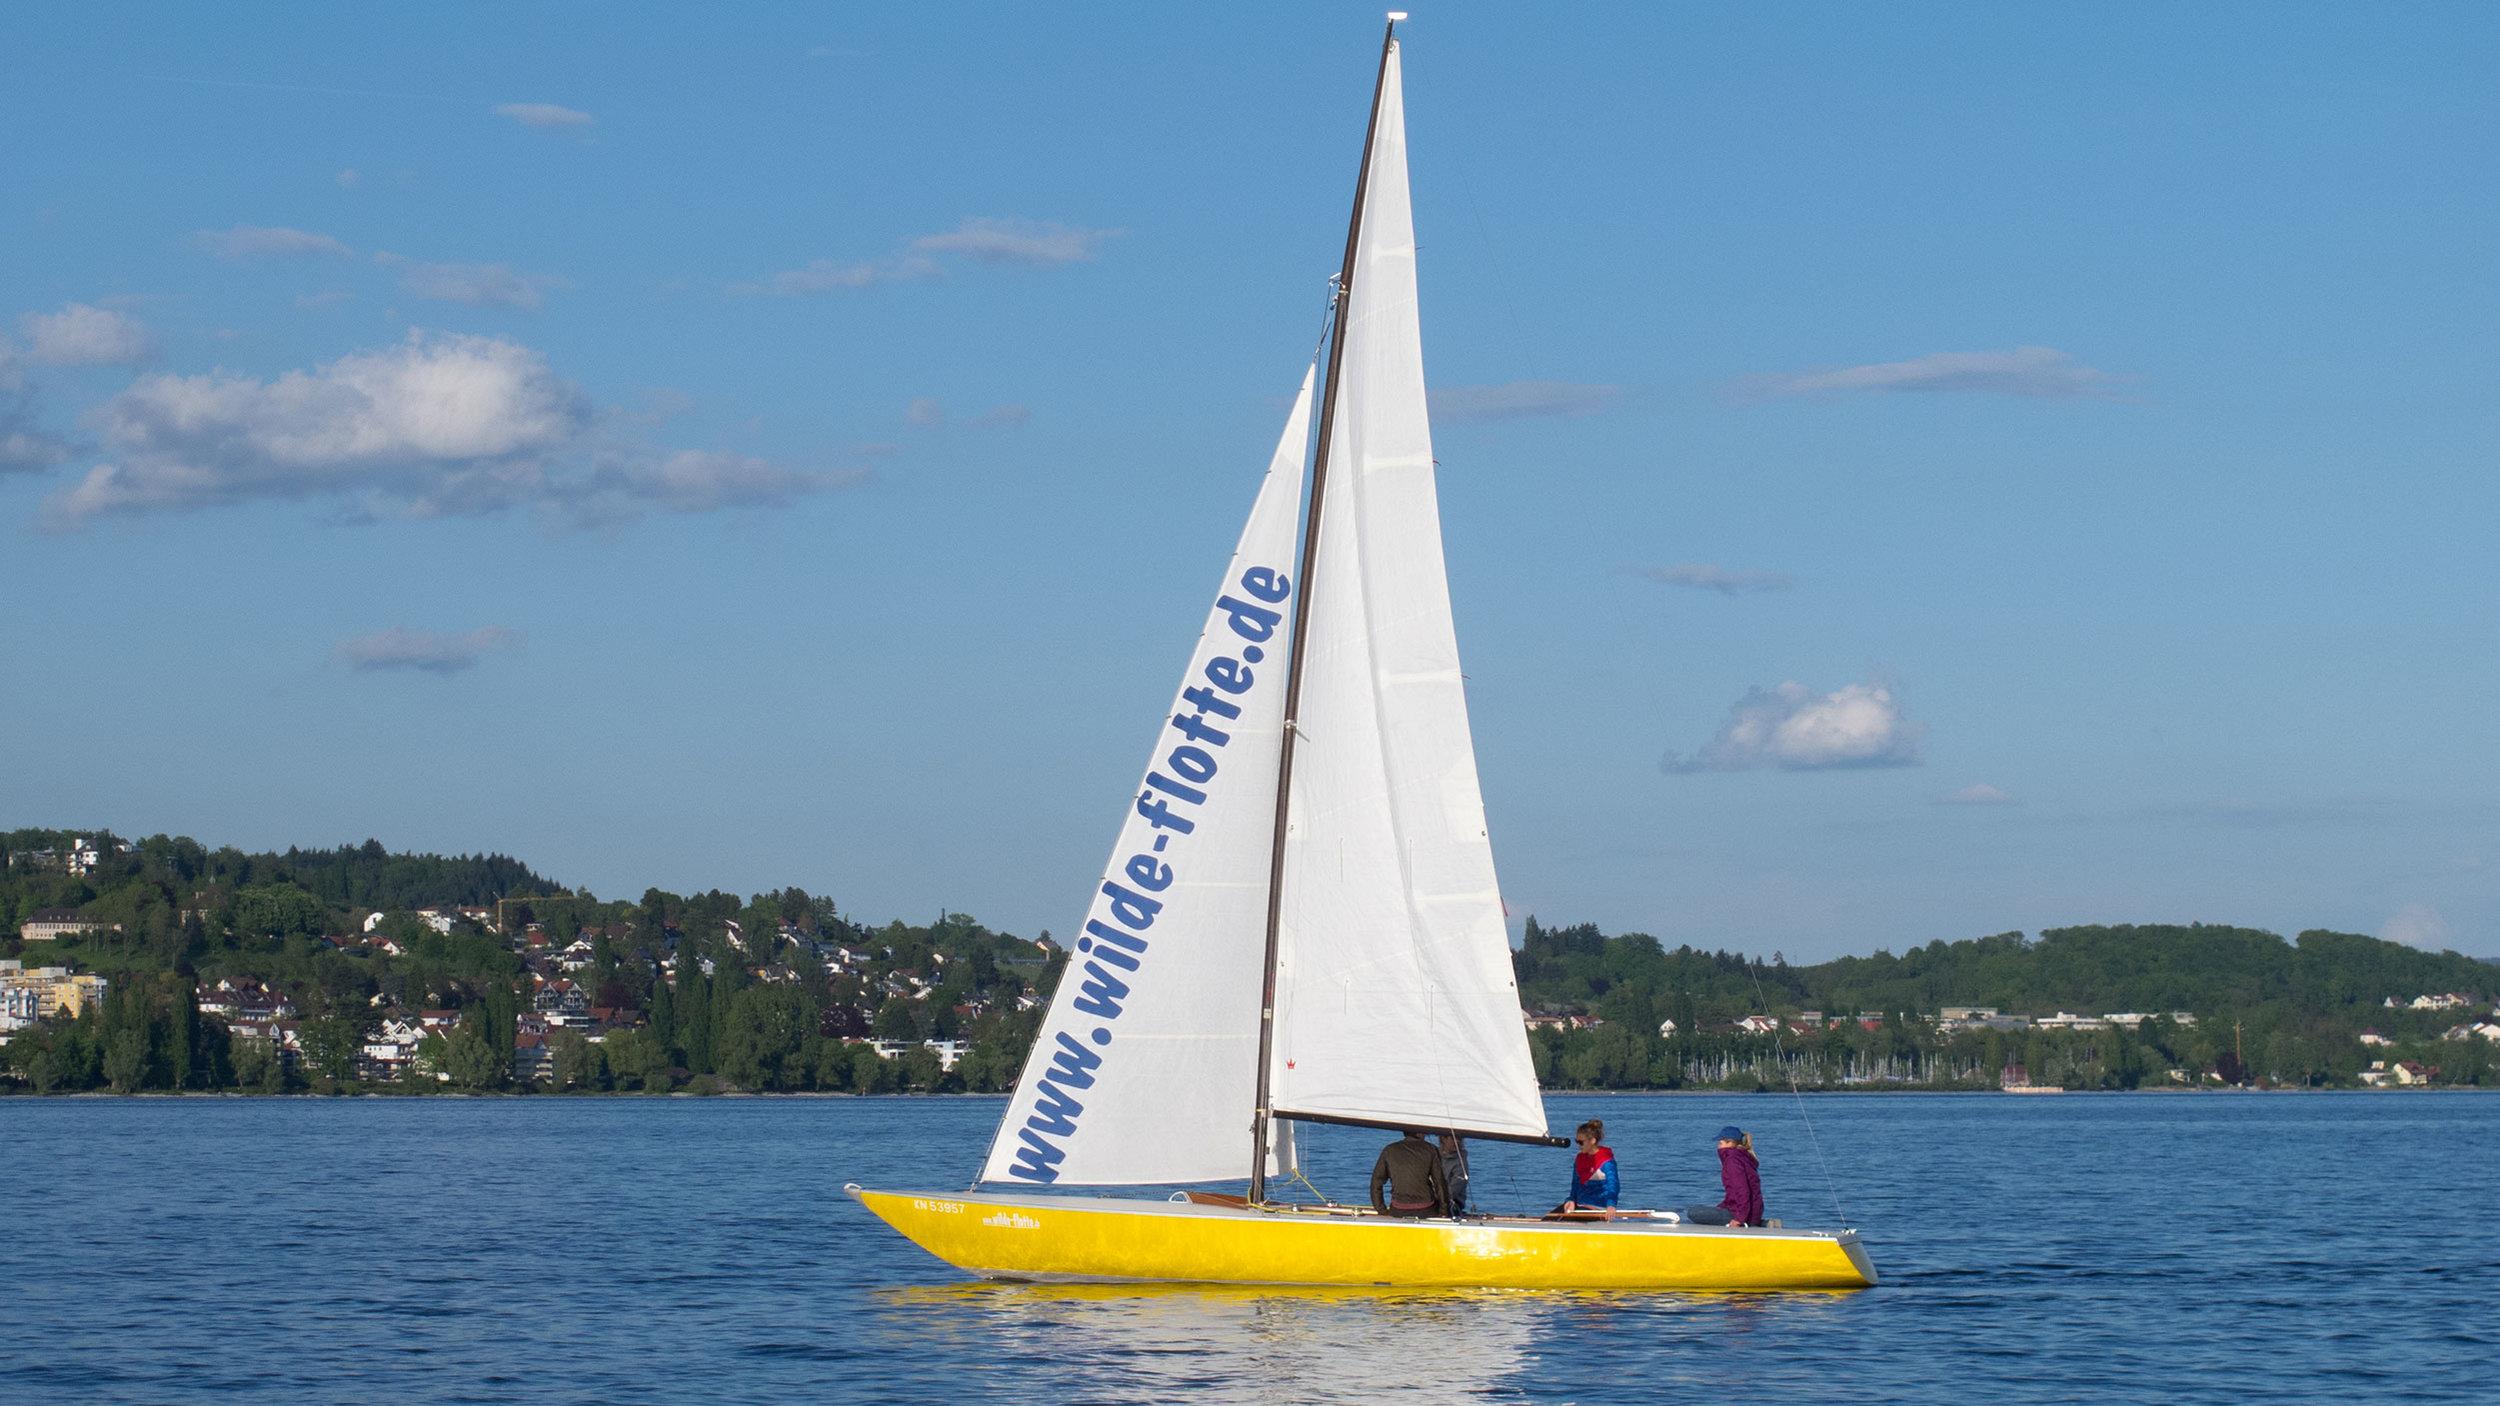 Trias: Offenes Kielboot für bis zu 6 Personen.